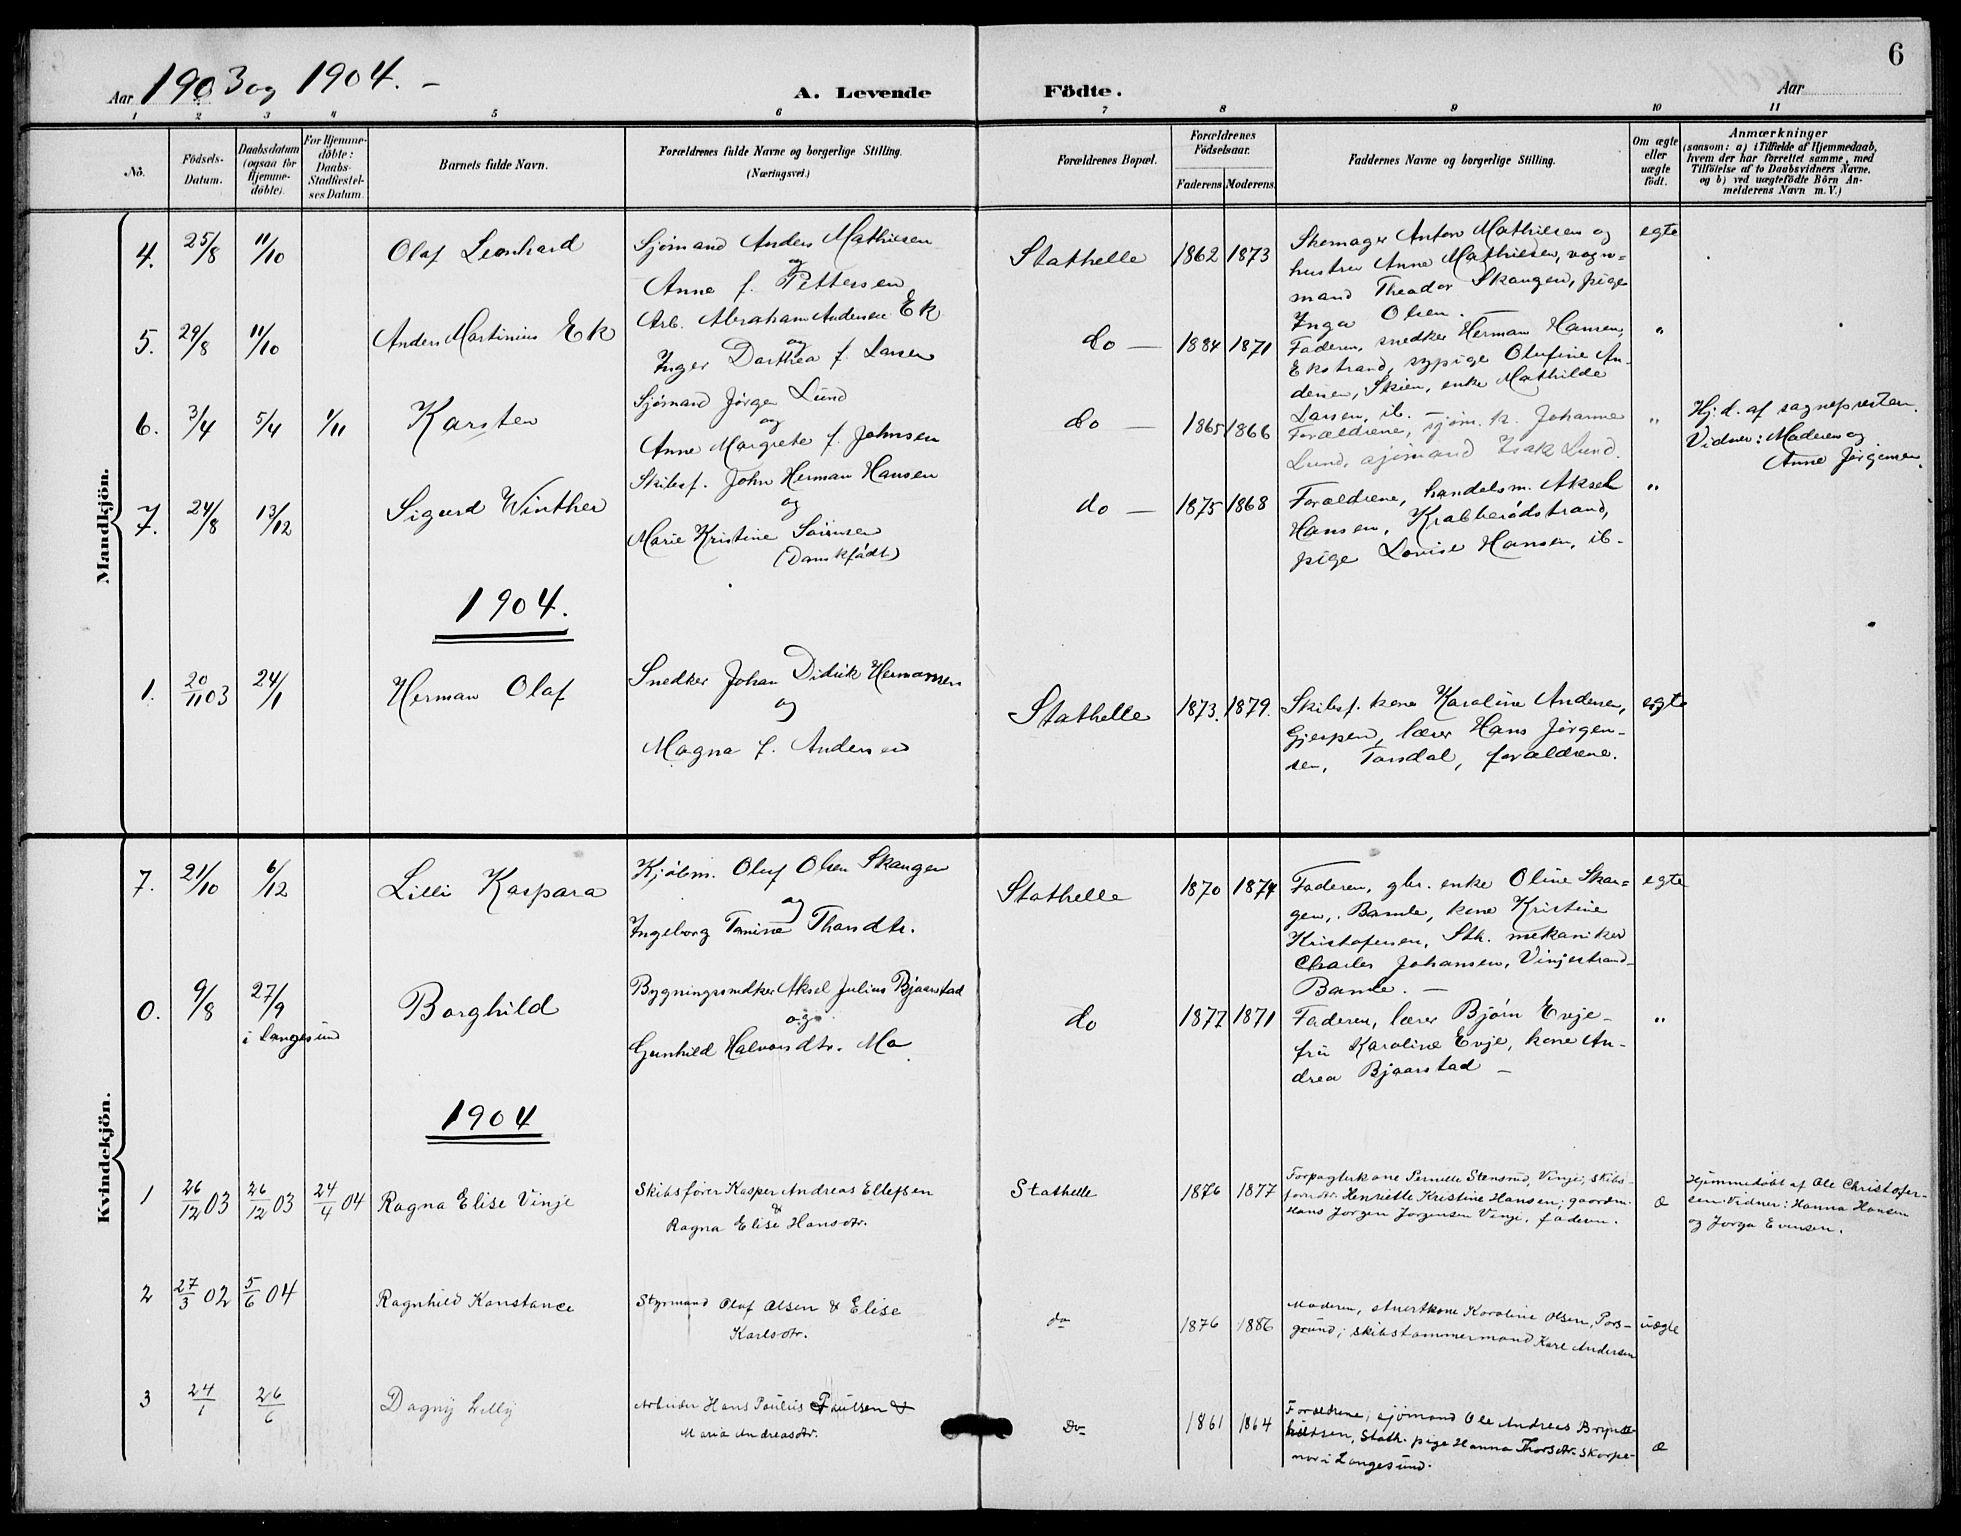 SAKO, Bamble kirkebøker, G/Gb/L0002: Klokkerbok nr. II 2, 1900-1925, s. 6